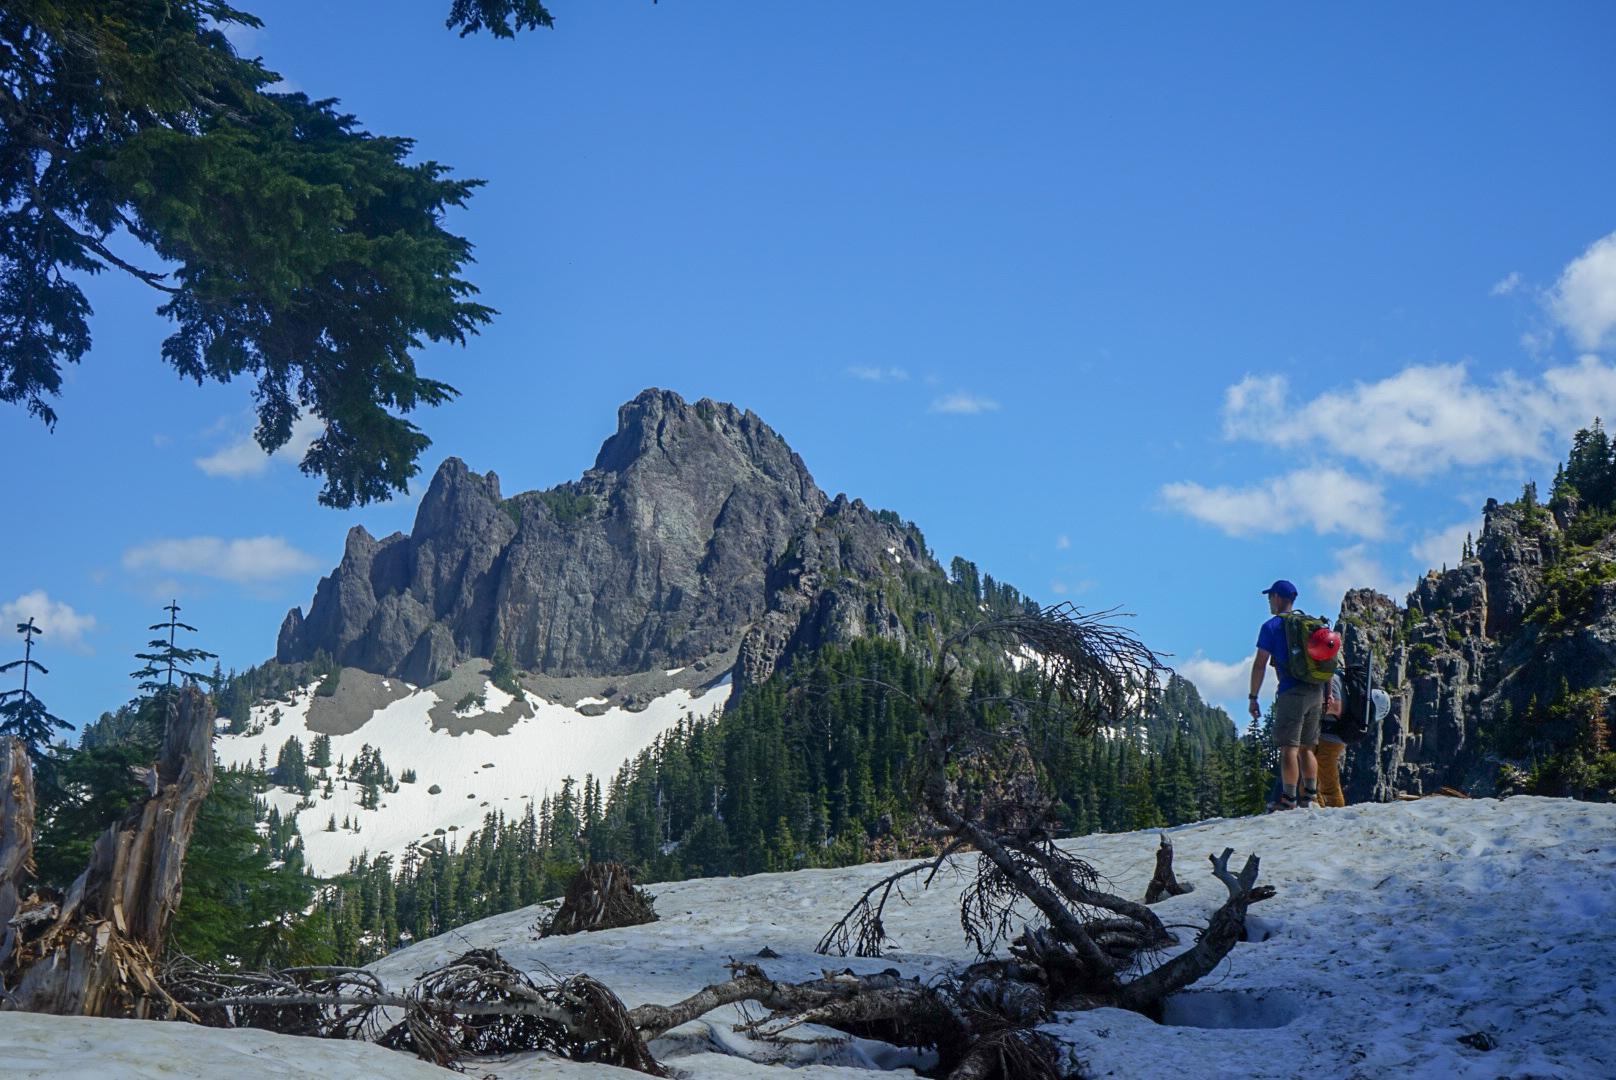 First views of Mt. Forgotten